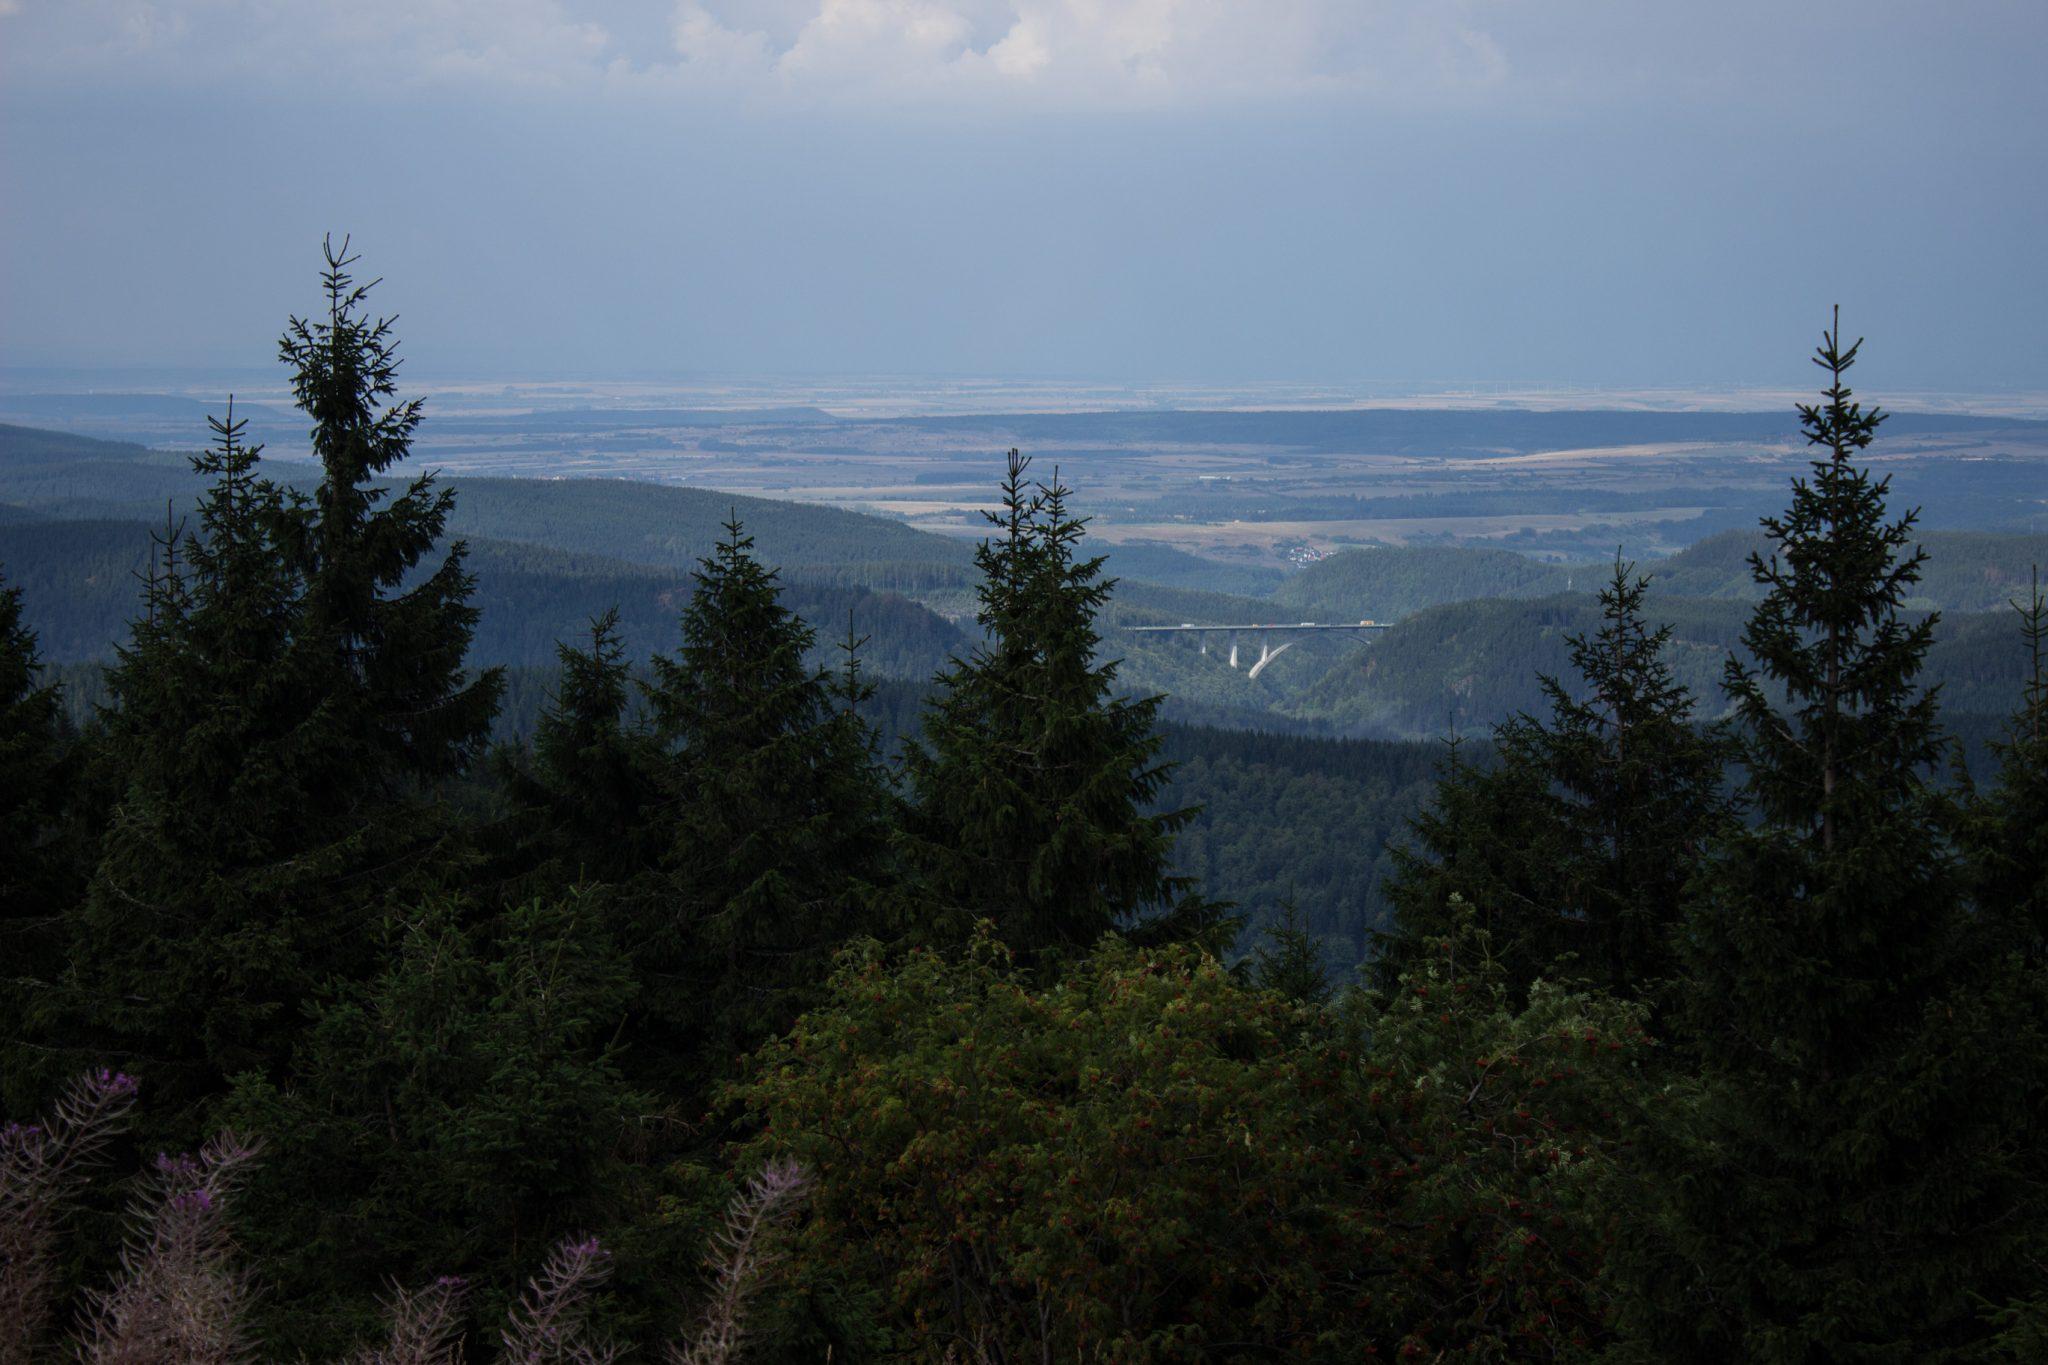 Großer Beerberg Schneekopf und Teufelskanzel, Gipfeltour Wanderung im Thüringer Wald, Aussicht auf Thüringer Wald und Brücke